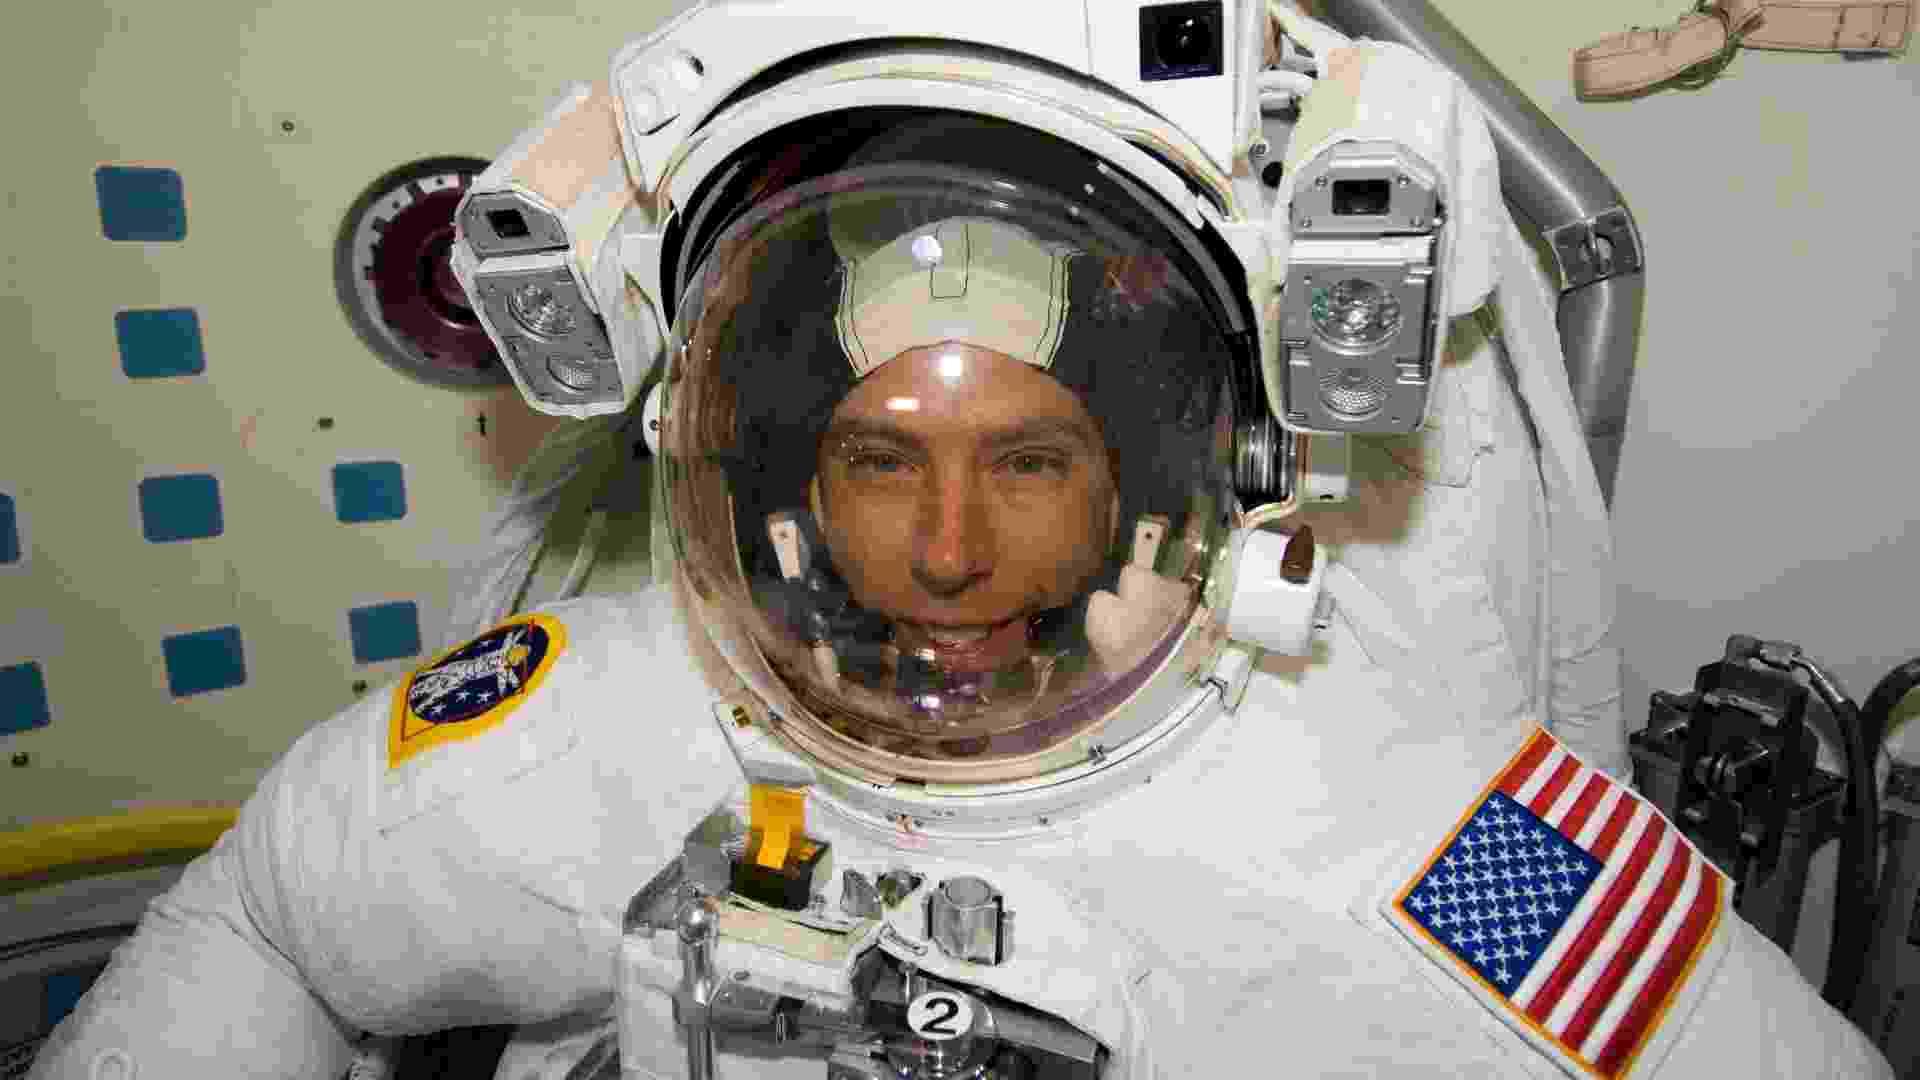 Astronautas não choram - Nasa